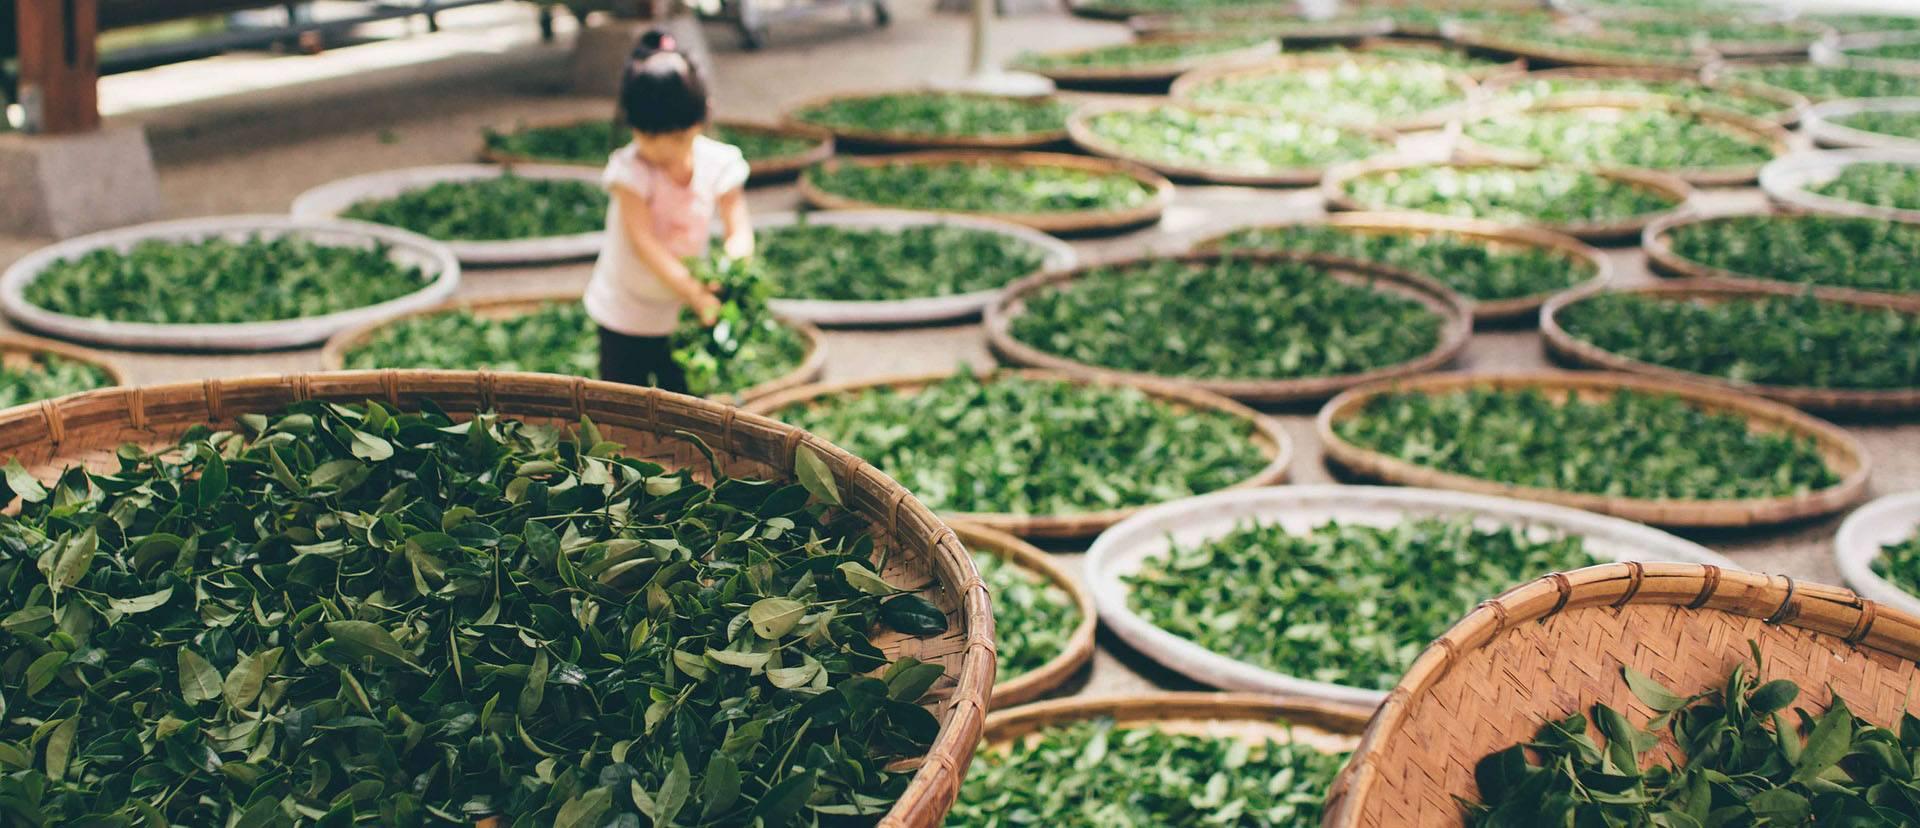 تولید چای سبز ایرانی